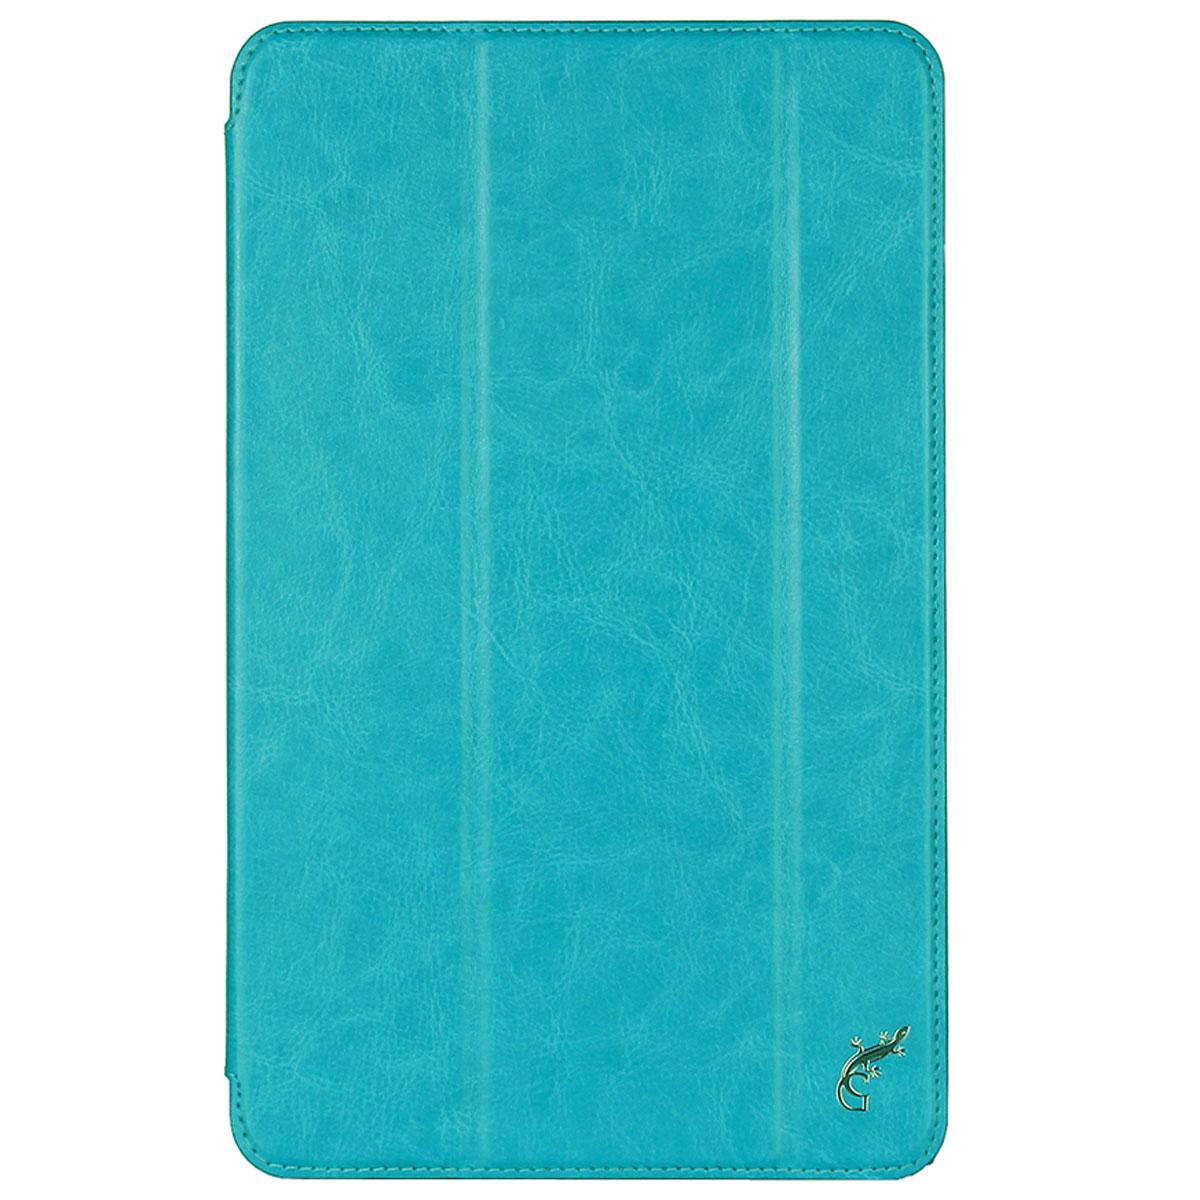 G-Case Slim Premium чехол для Samsung Galaxy Tab Е 9.6, Light BlueGG-637Защитный чехол G-Case Slim Premium для планшета Samsung Galaxy Tab Е 9.6 отличается высокой степенью защиты от попадания влаги и пыли, а также падений и механических ударов. Среди конструктивных особенностей защитного чехла G-case можно отметить наличие двухпозиционной подставки, благодаря которой устройство можно установить в нескольких положениях для удобства пользования.